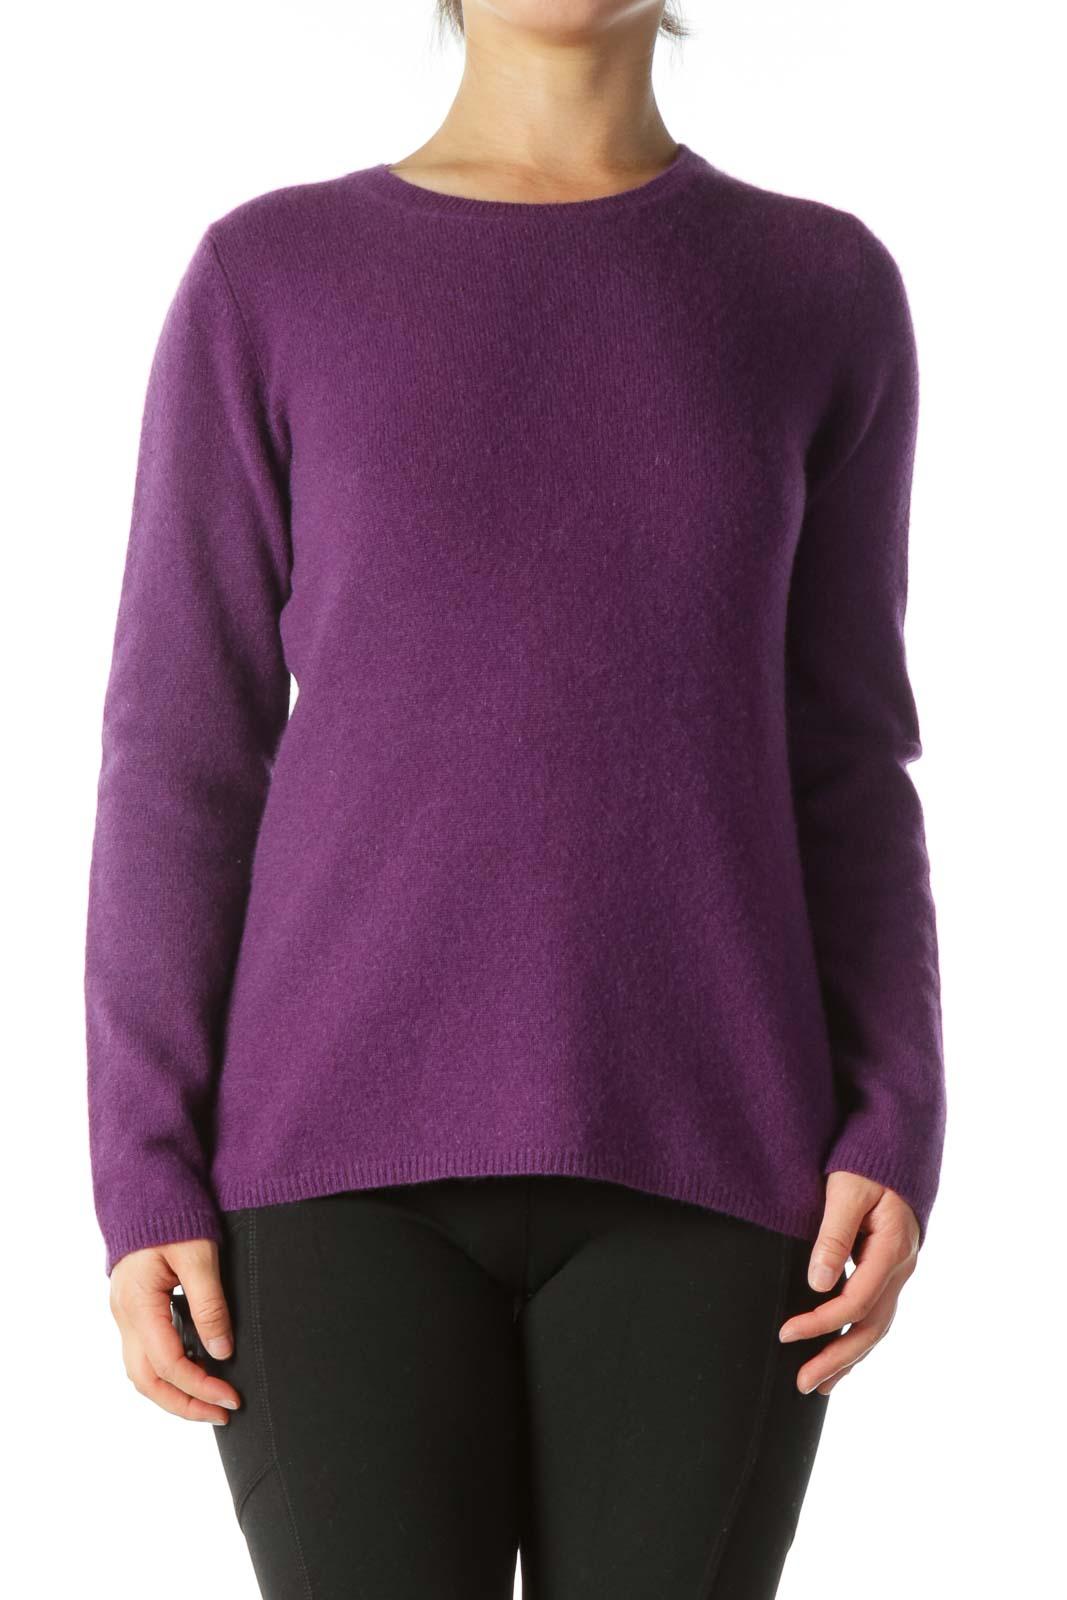 Purple Round-Neck Soft Textured Sweater Front